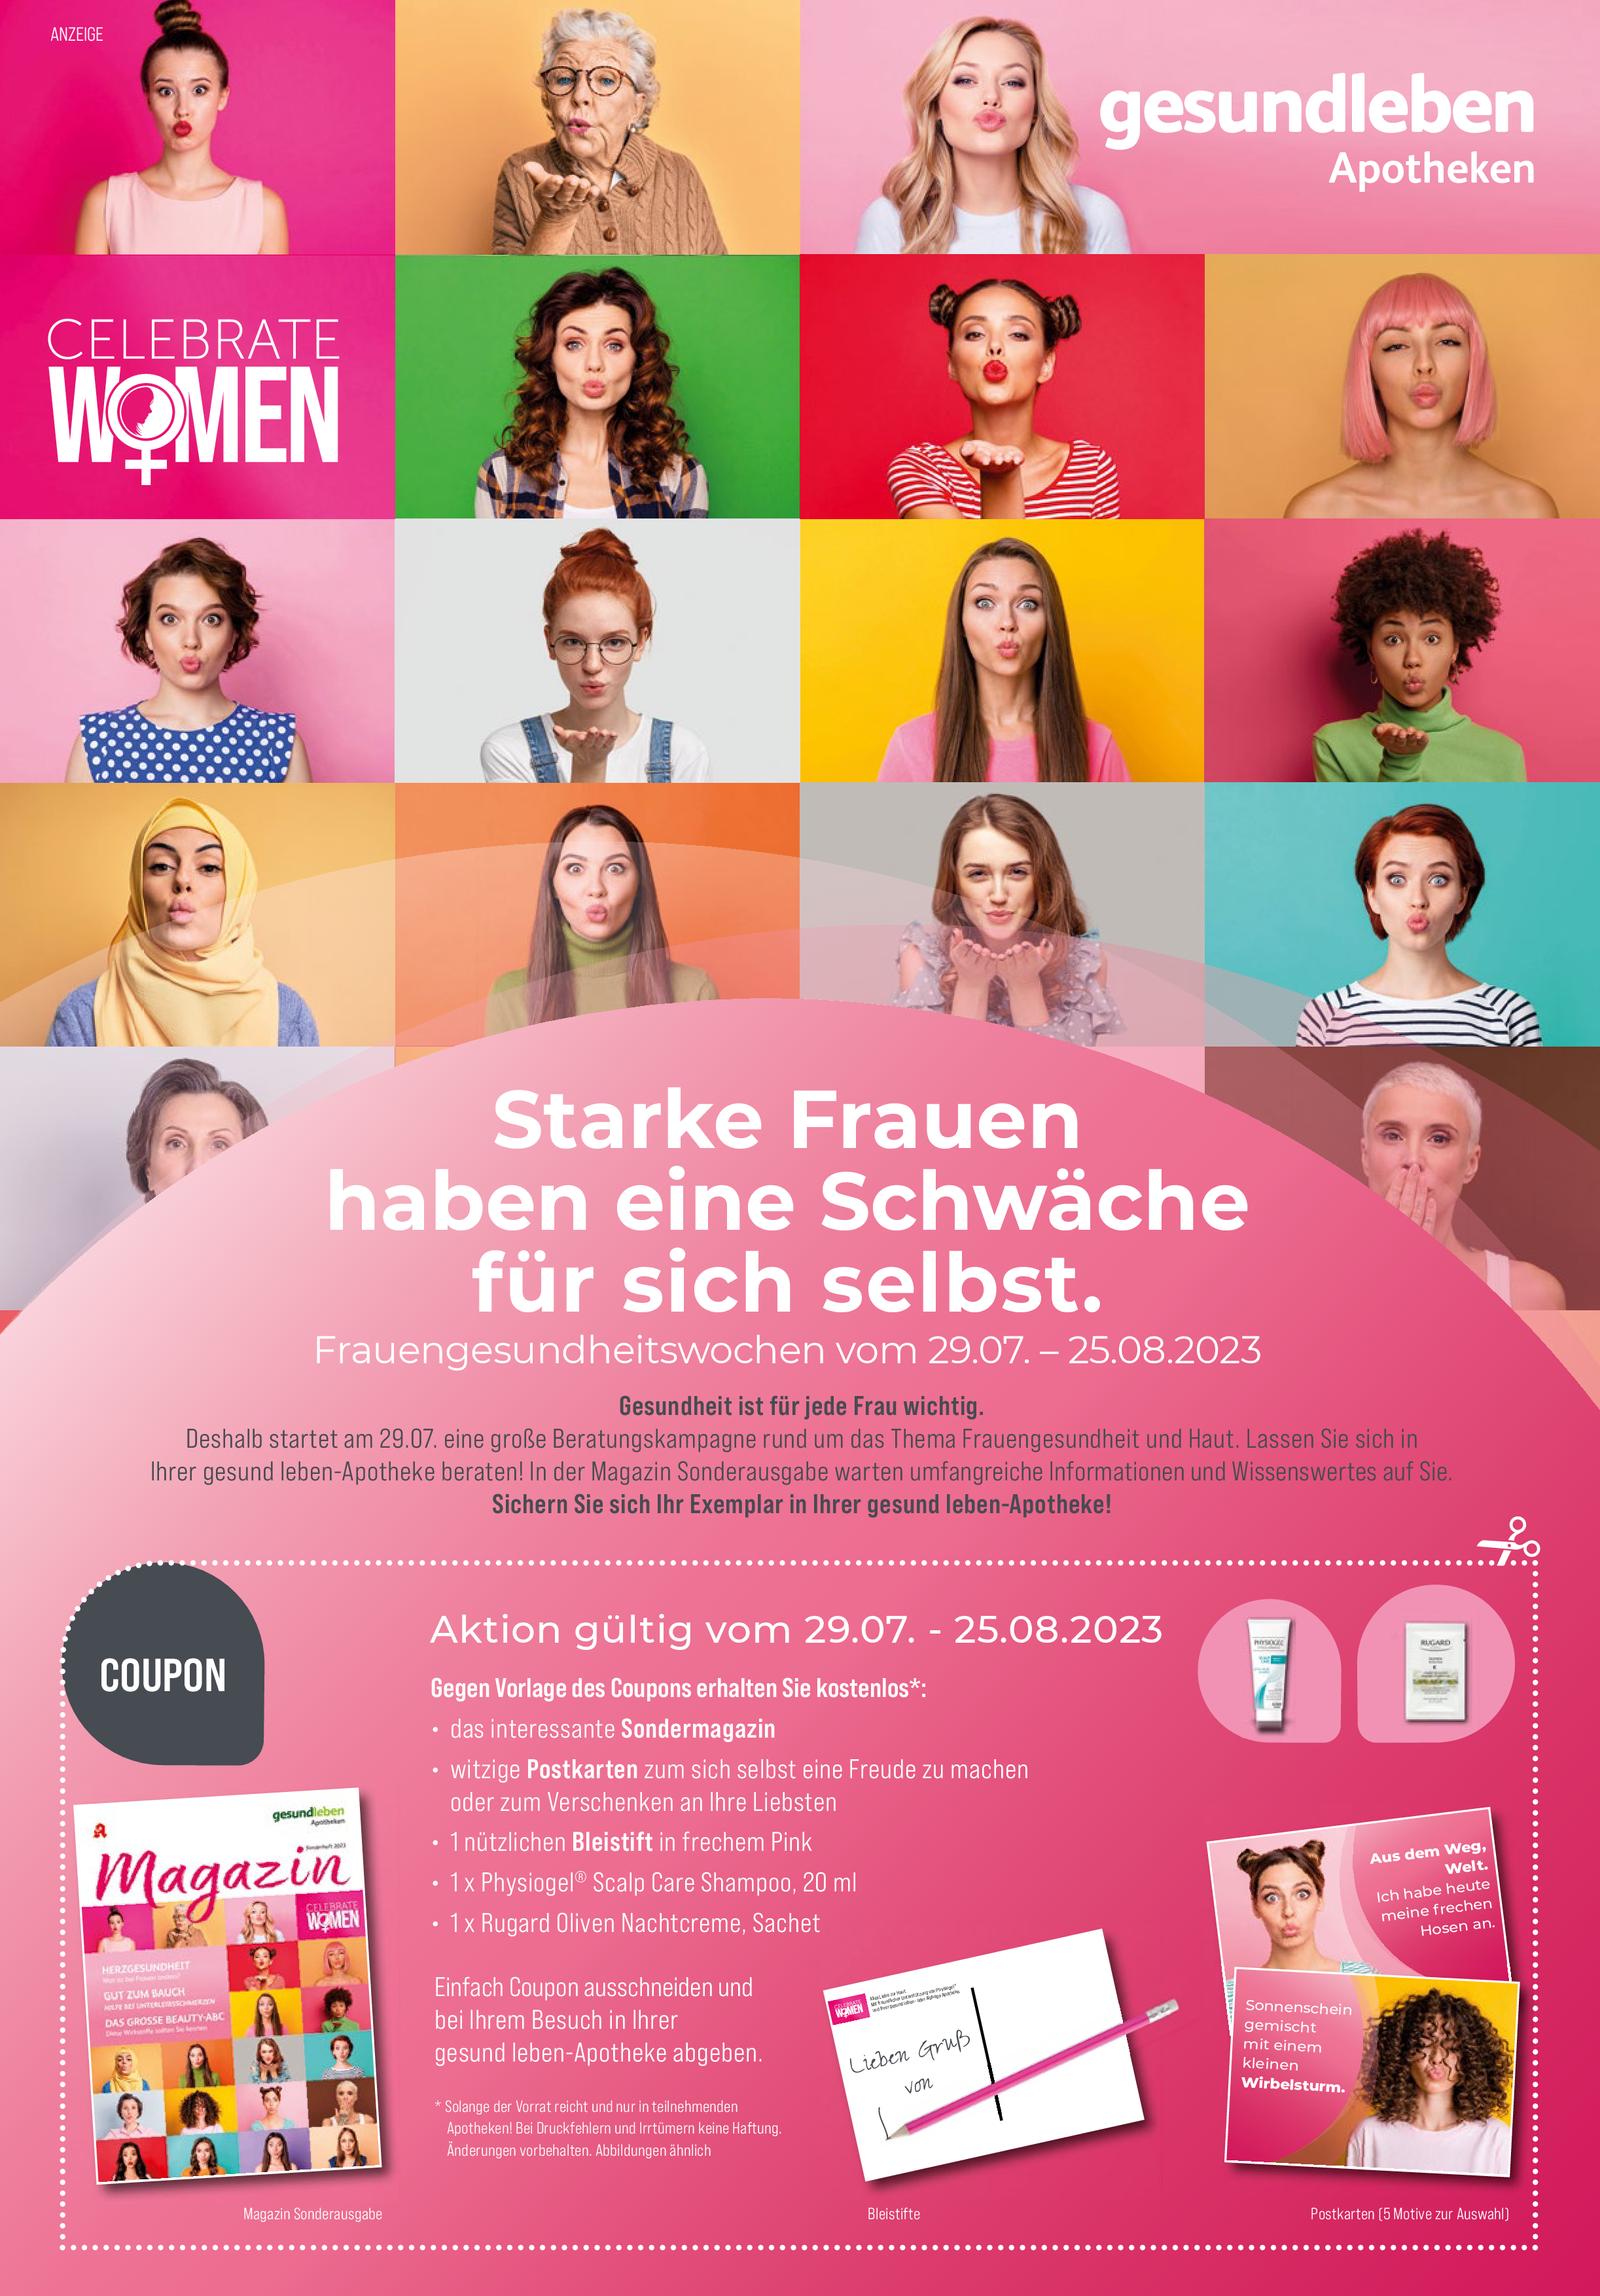 https://mein-uploads.apocdn.net/1832/leaflets/gesundleben_hoch-Seite5.png